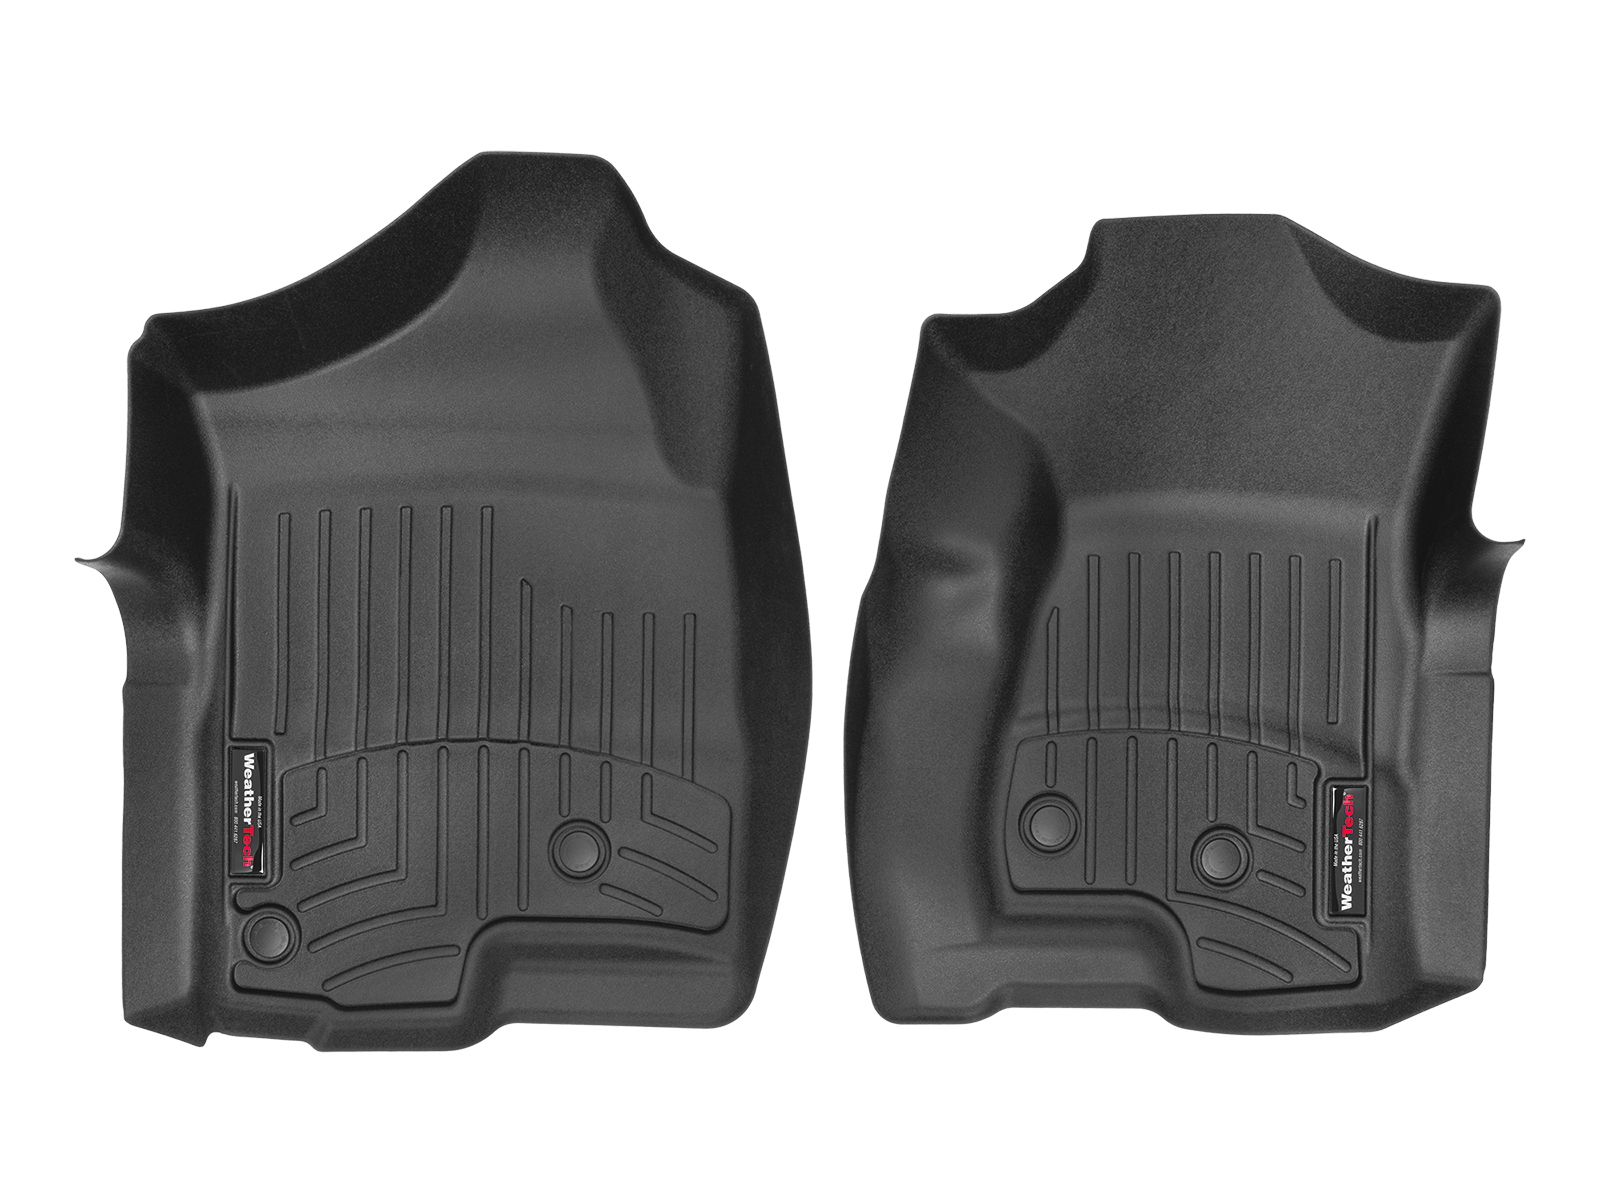 Tappeti gomma su misura bordo alto Chevrolet Silverado 1999>06 Nero A204